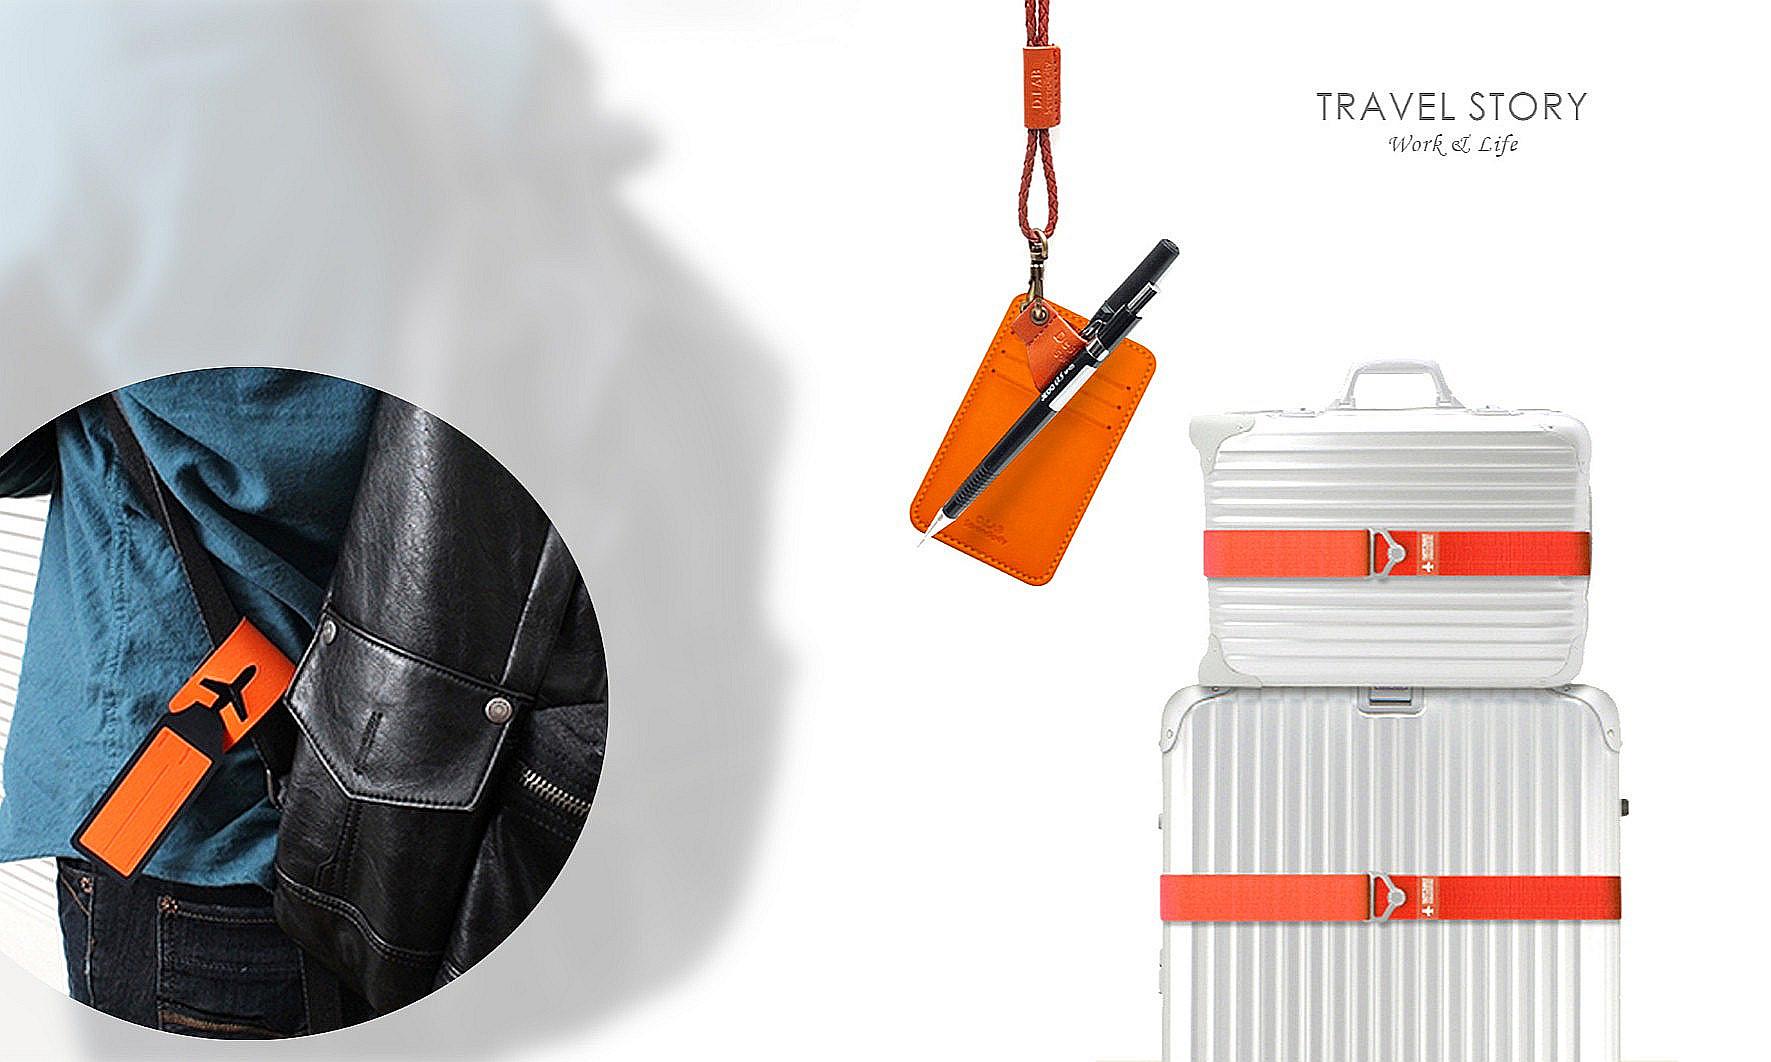 多色旅行套装—宜信定制